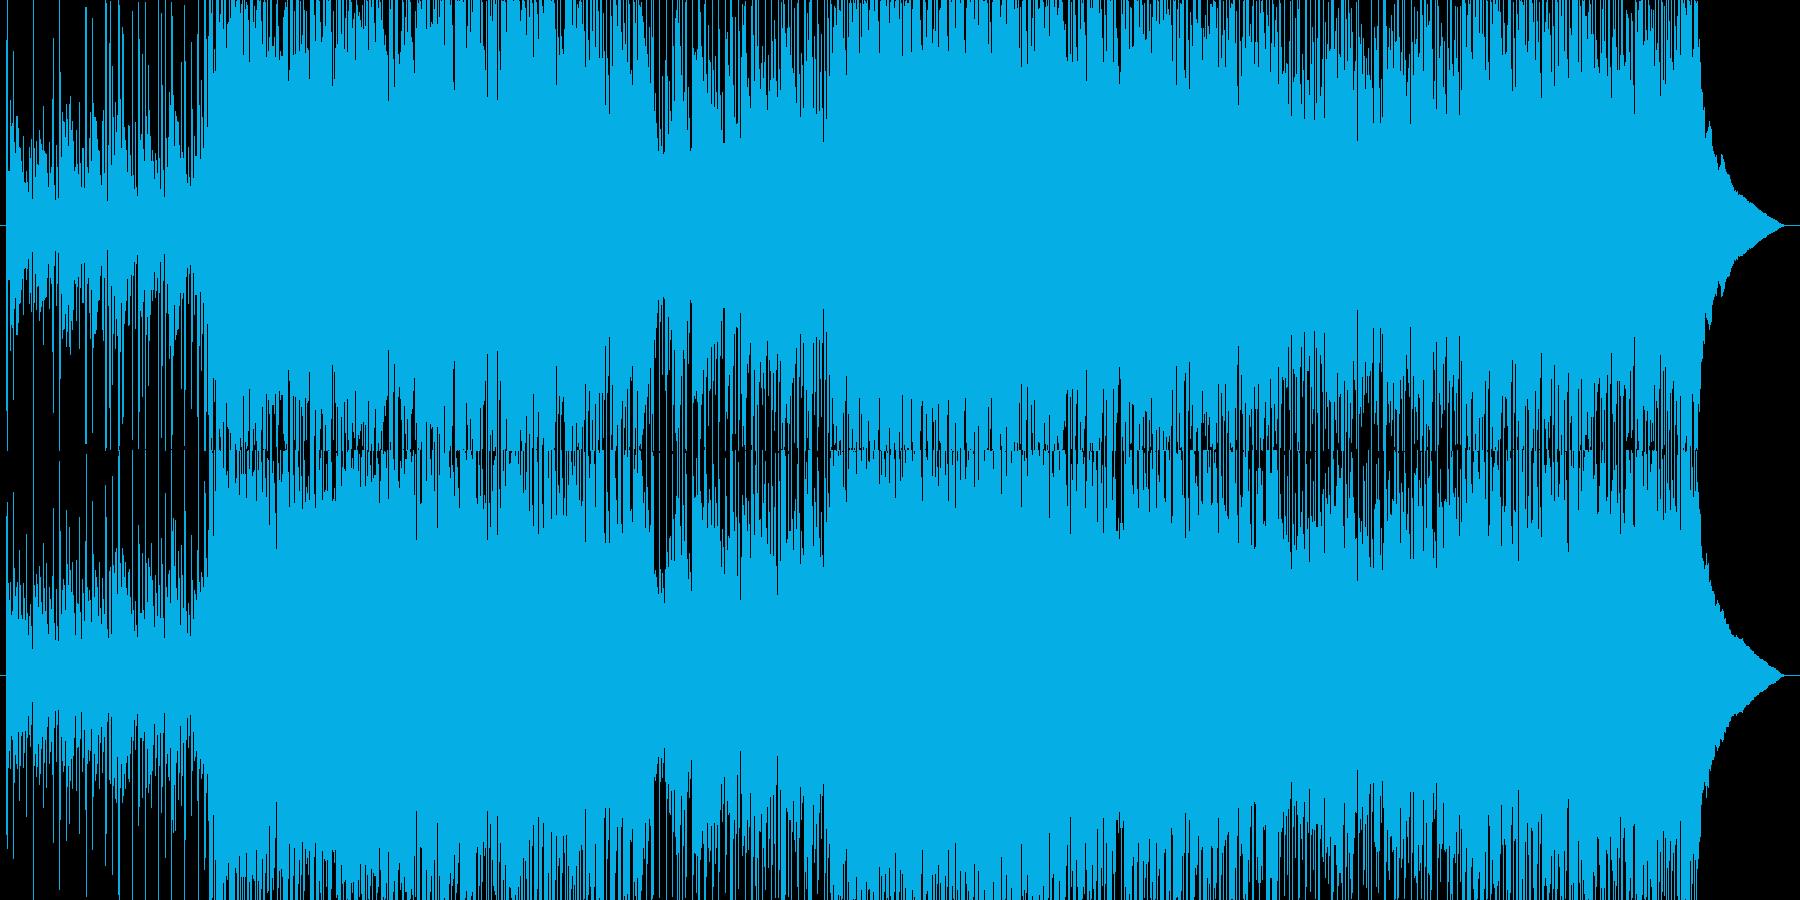 【ピアノ・ロック】映像オープニング向けの再生済みの波形